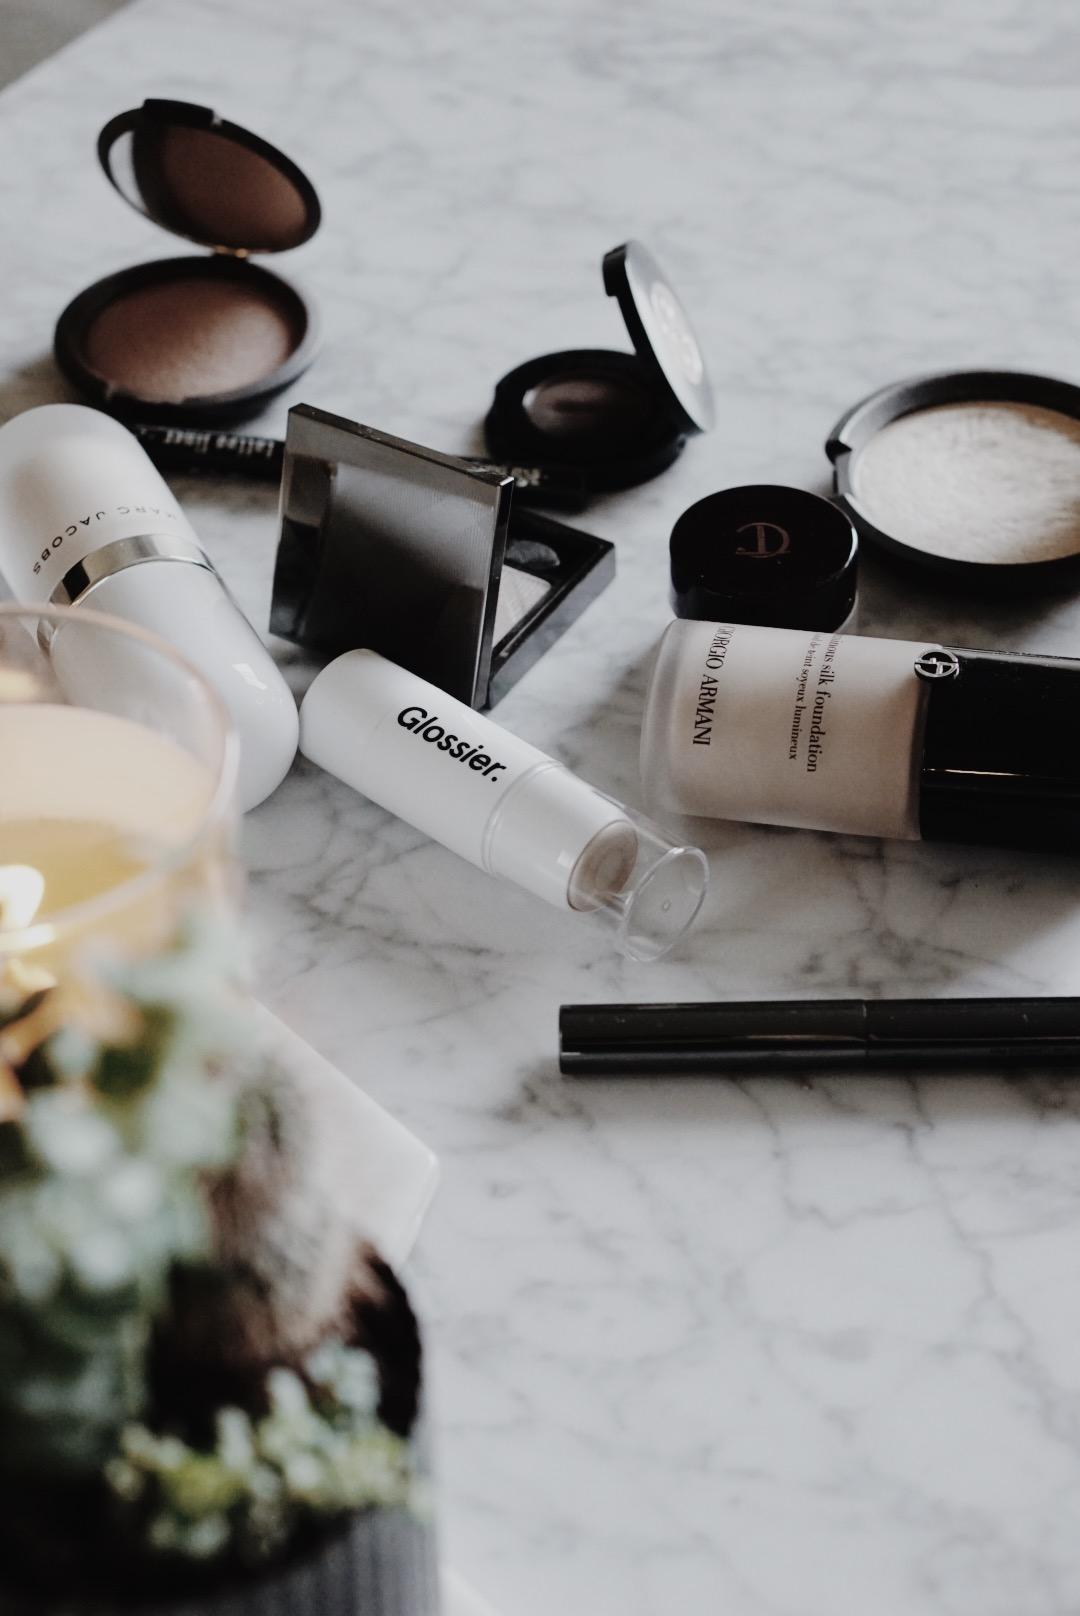 CHY-Makeup Shakeup for Fall - Glossier Giorgio Armani Becca Charlotte Tilbury Marc Jacobs Burberry